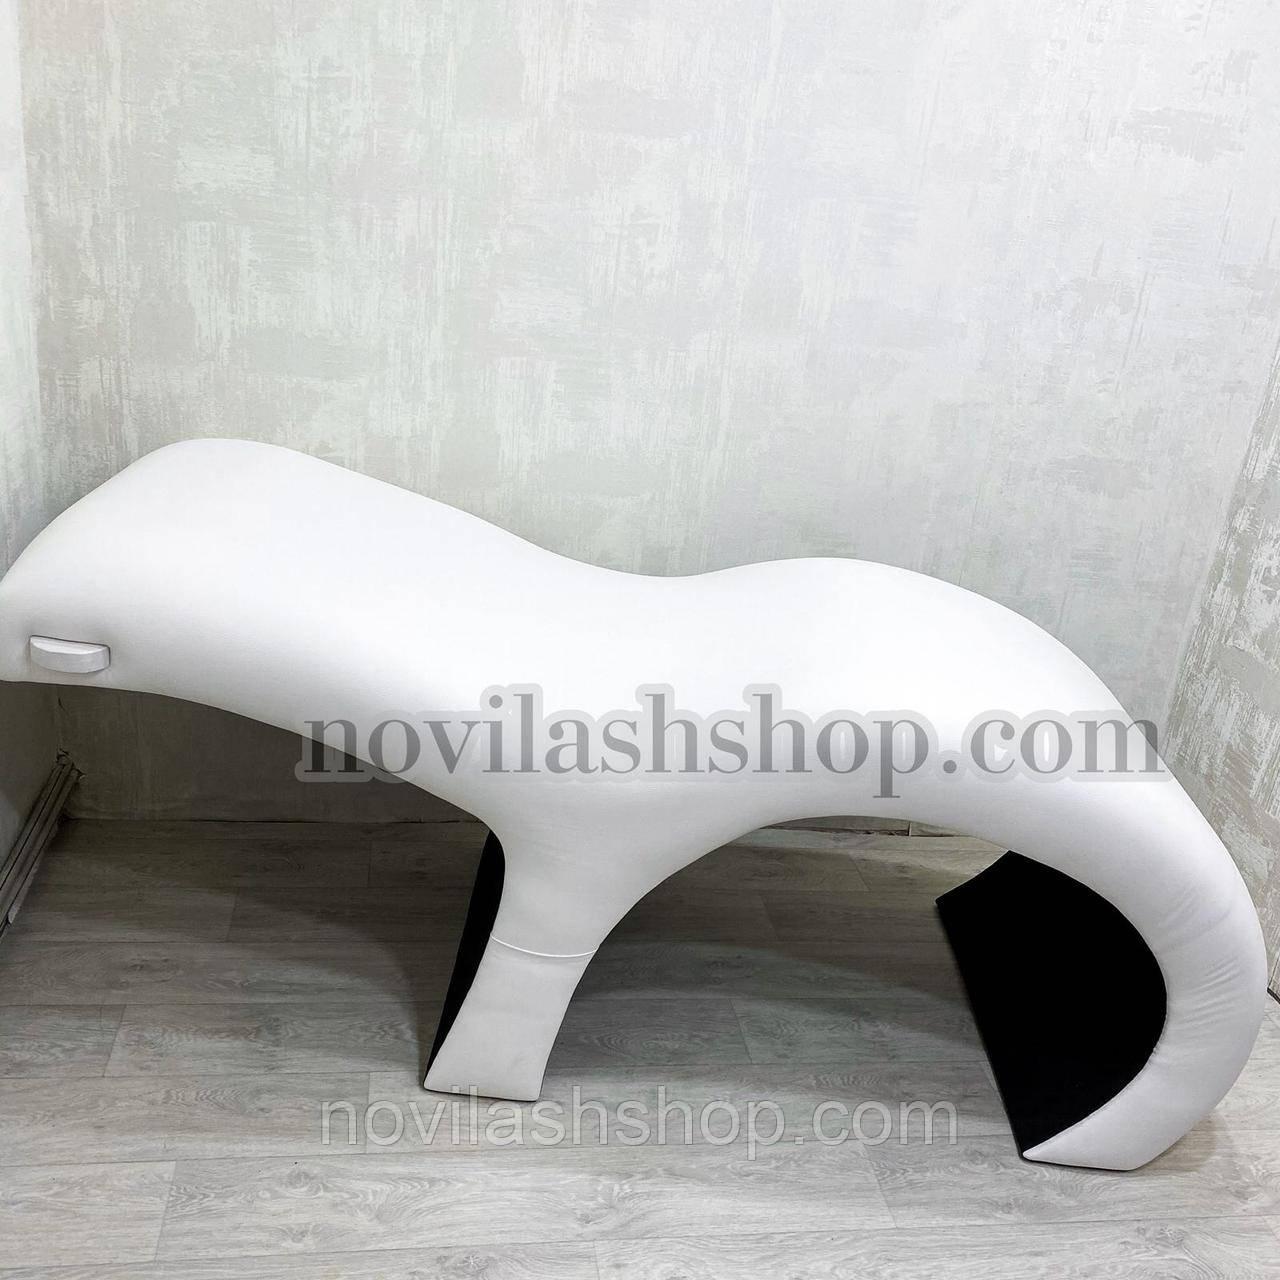 Анатомічна кушетка Simply light без полички для лампи, еко шкірі для нарощування вій від Beauty Comfort